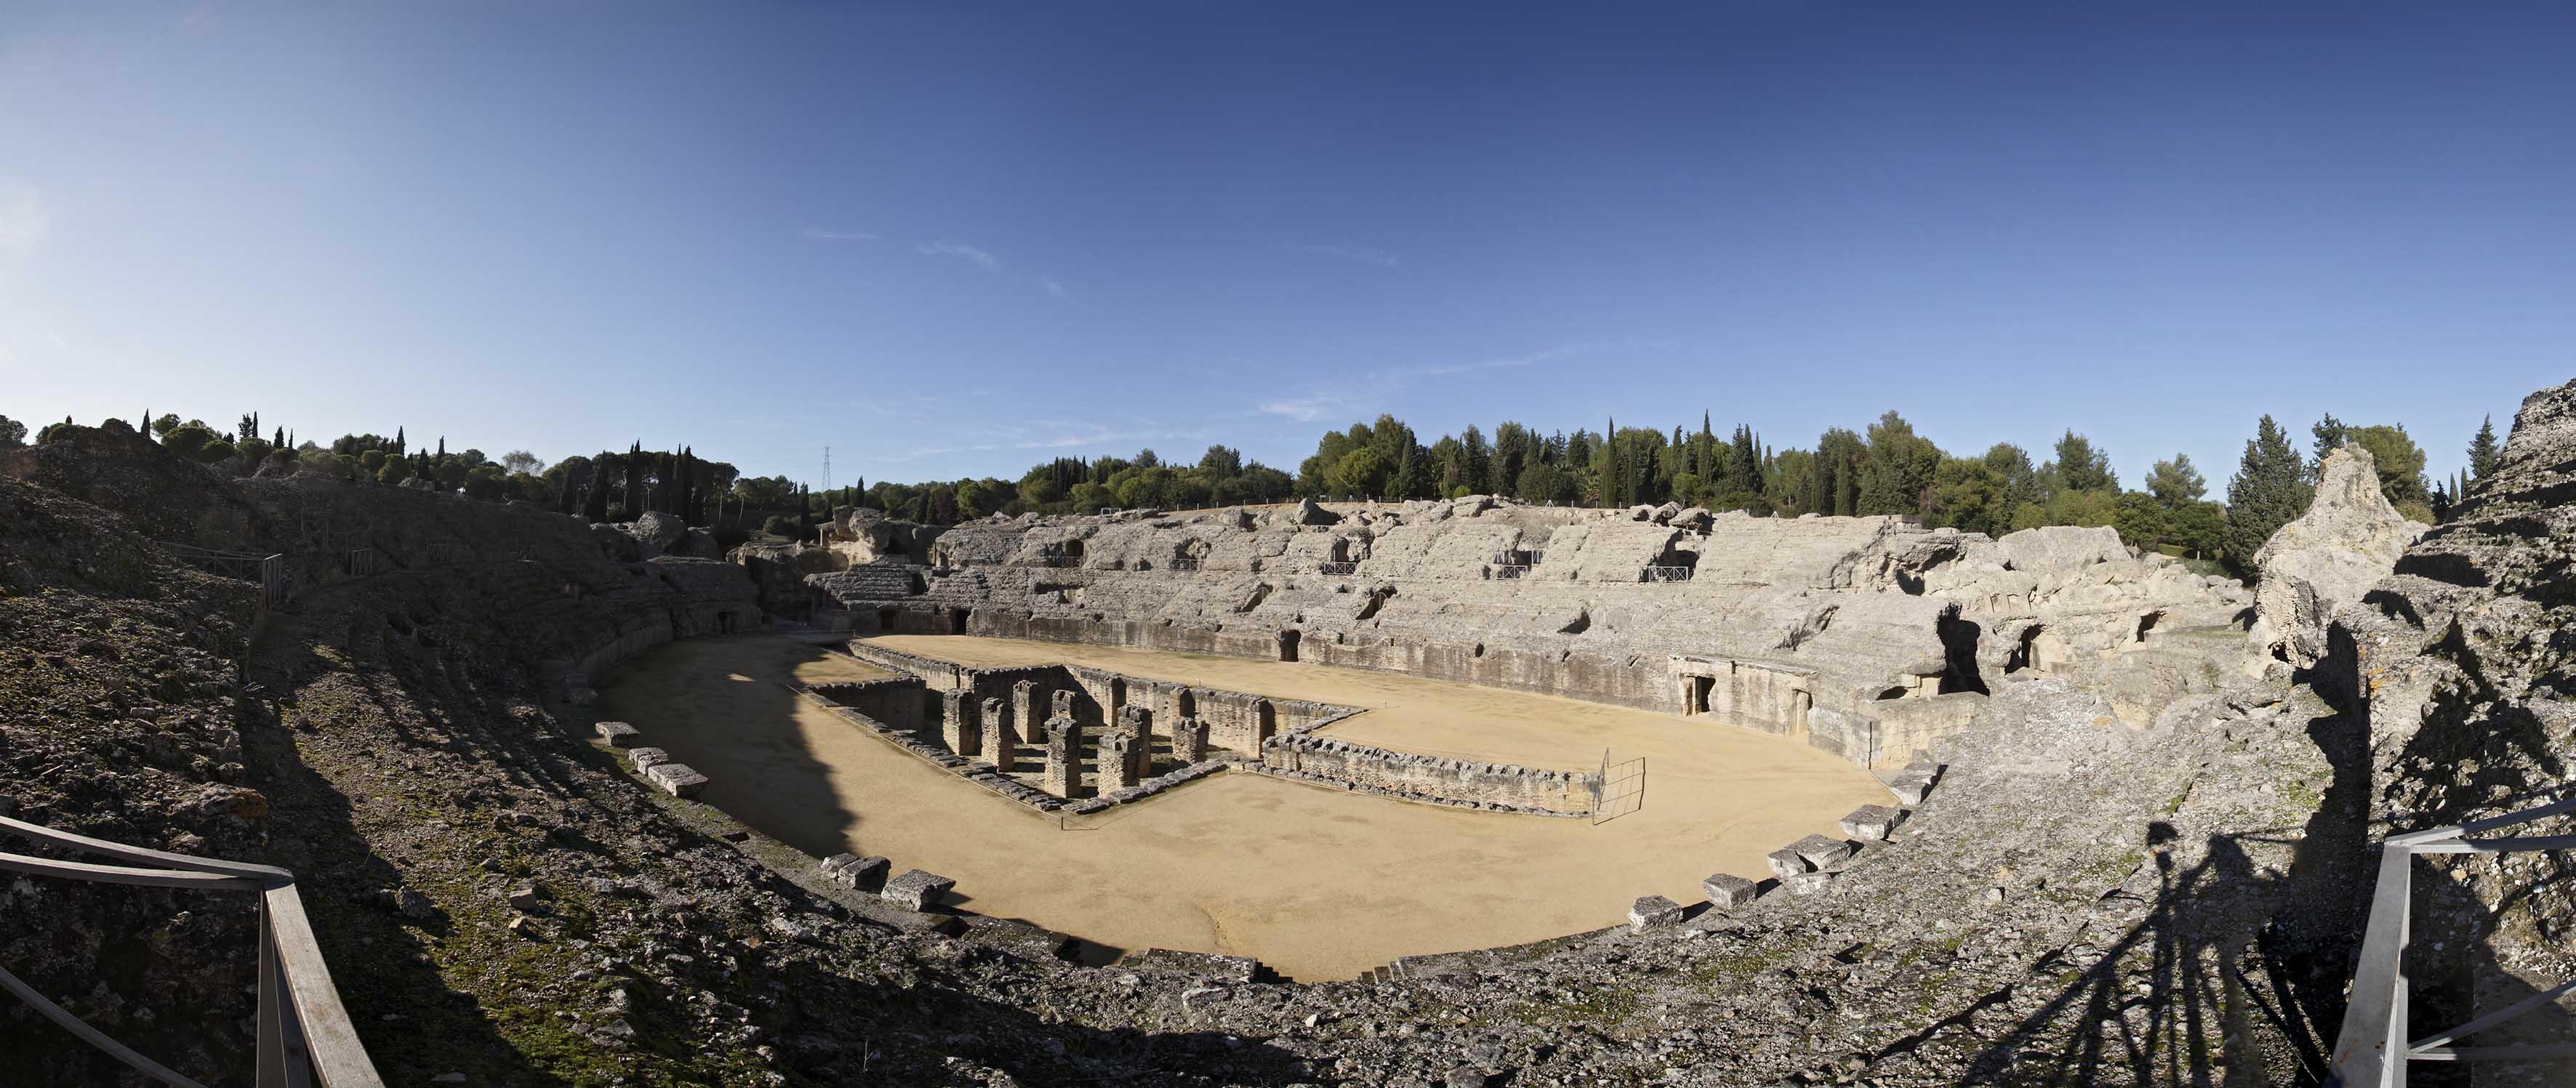 Italica, site romain d'Andalousie